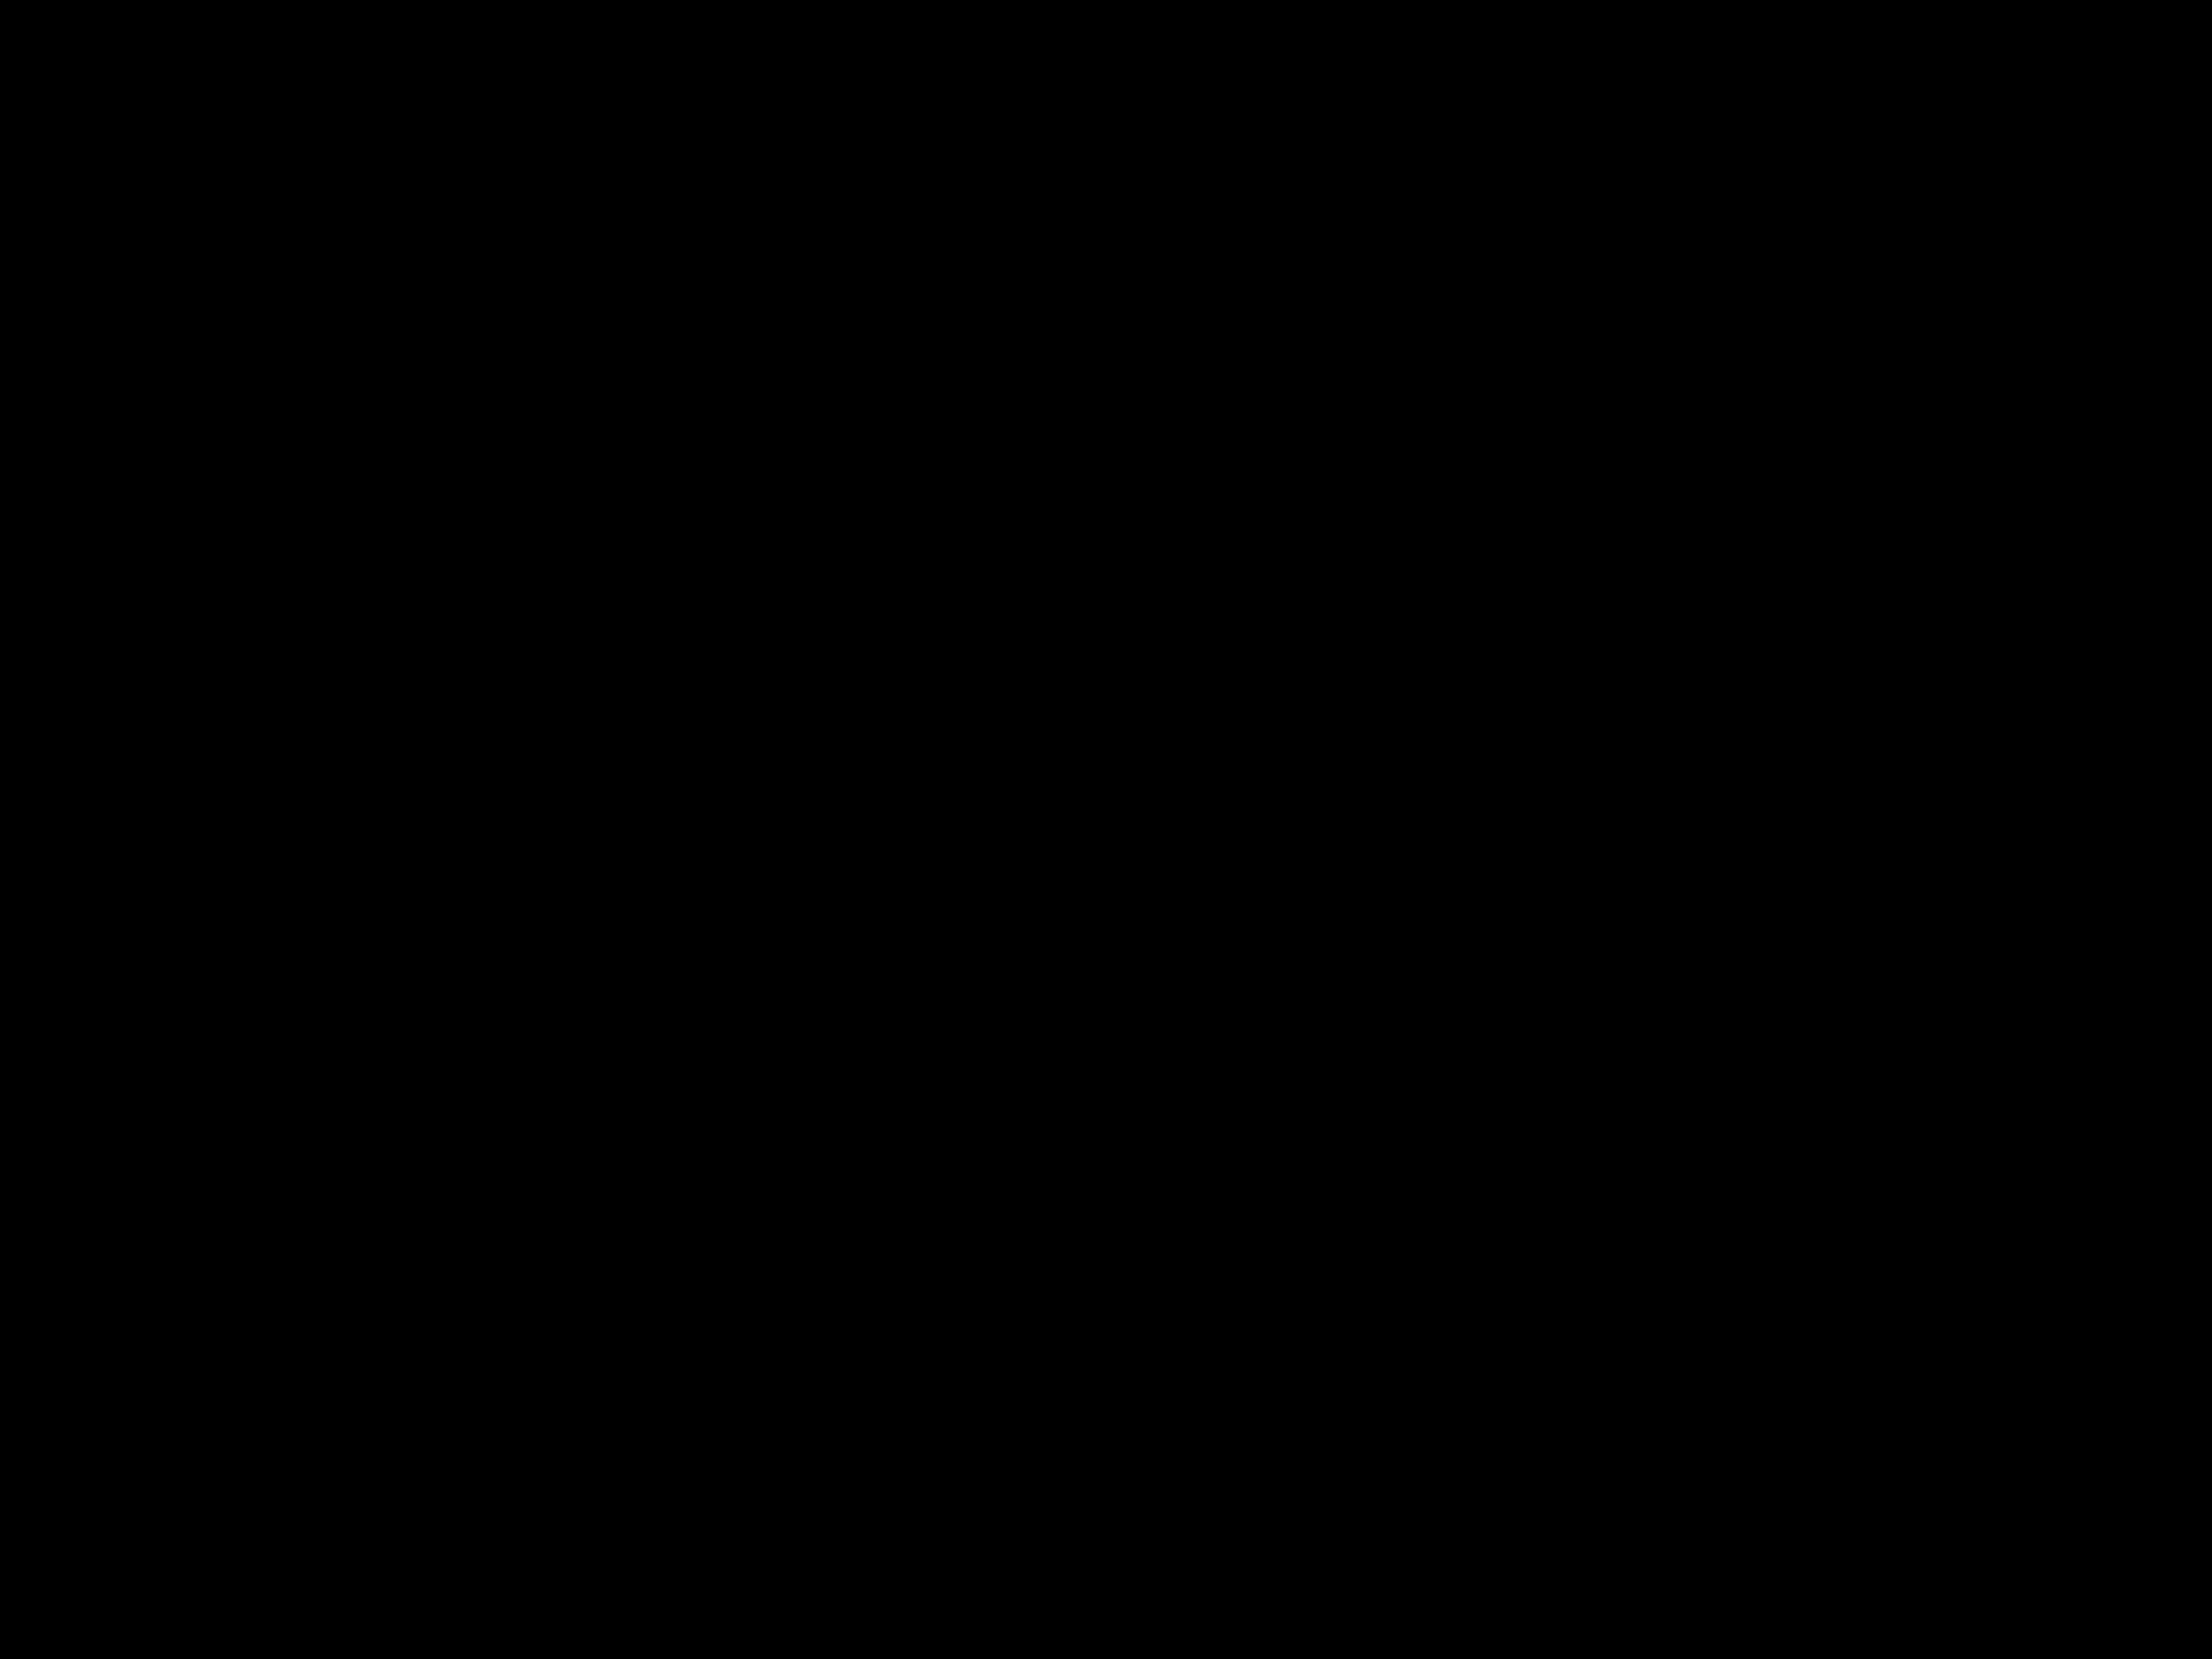 zoo tiere ausmalbilder vorlagen zum malen. Black Bedroom Furniture Sets. Home Design Ideas